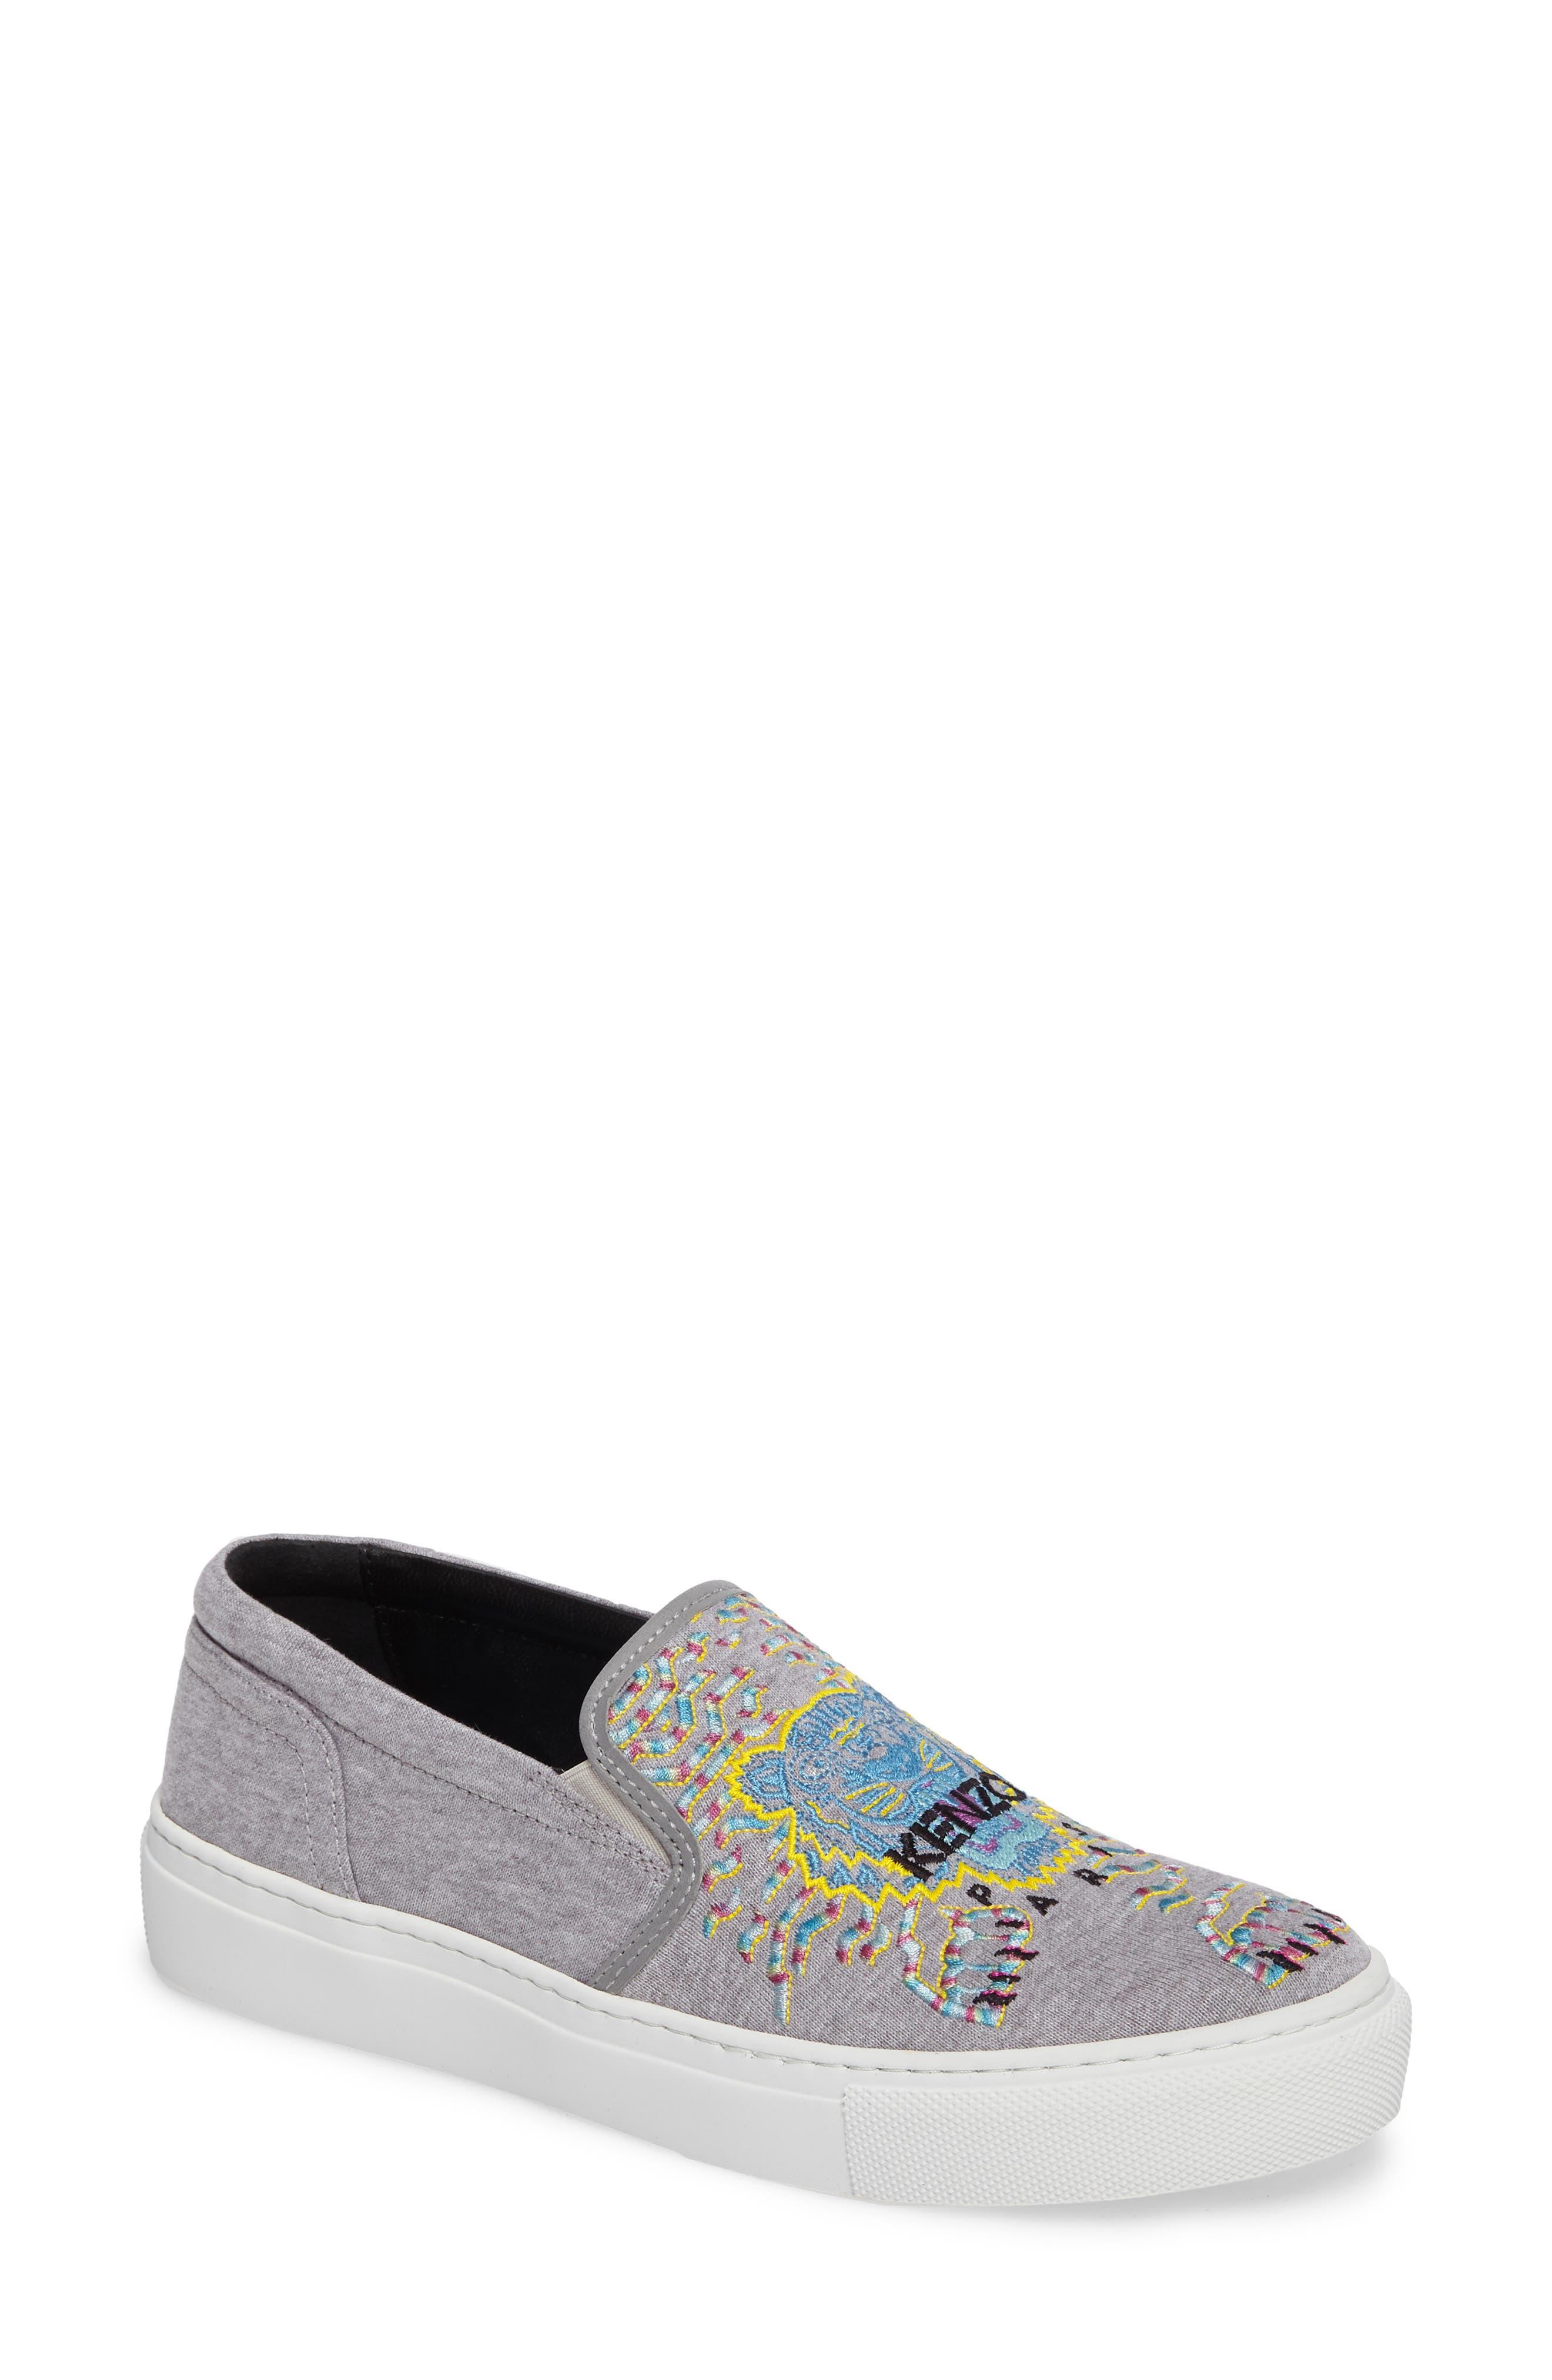 KENZO K Skate Embroidered Slip-On Sneaker (Women)